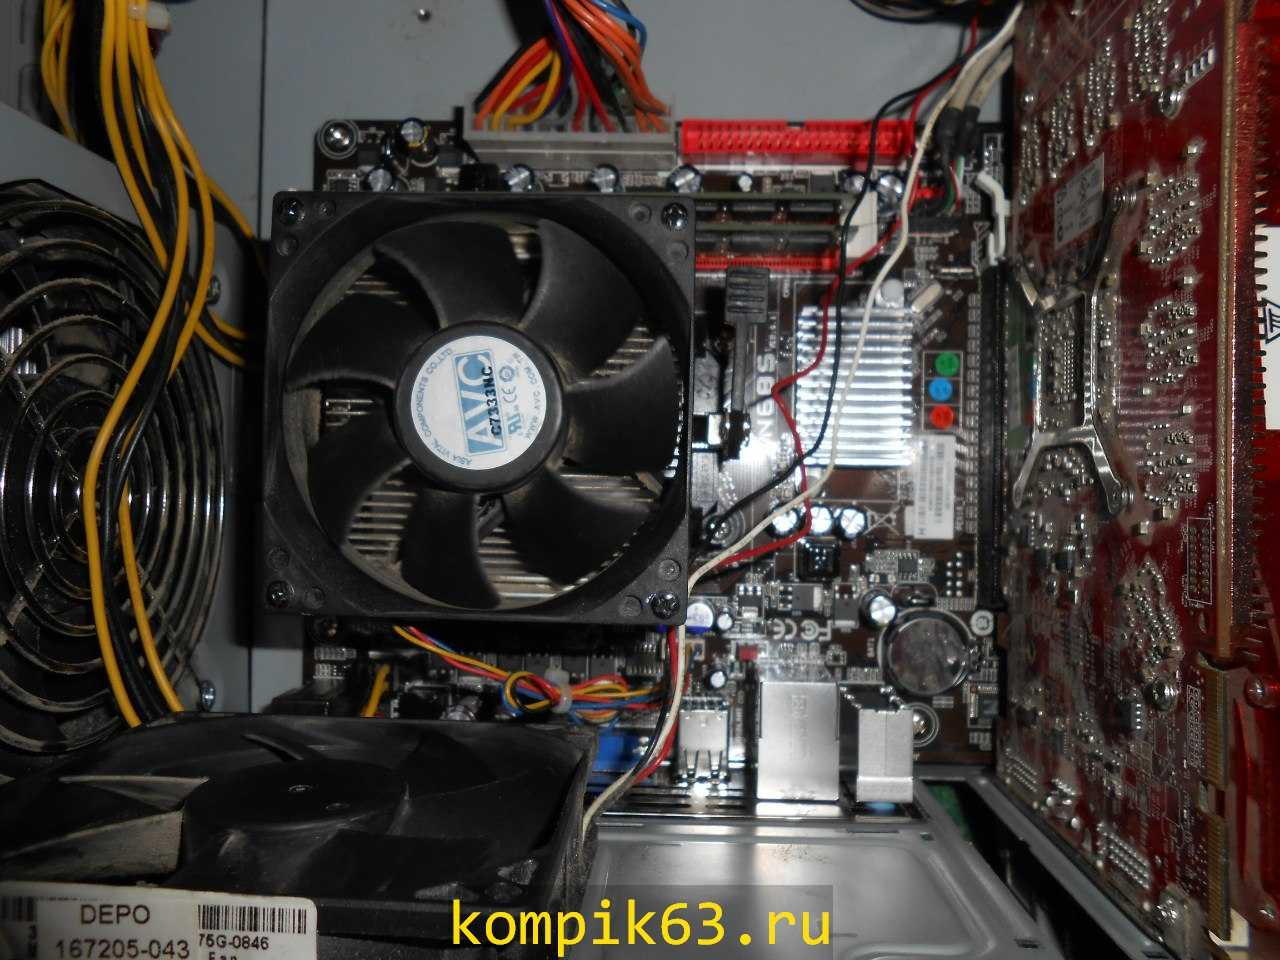 kompik63.ru-047